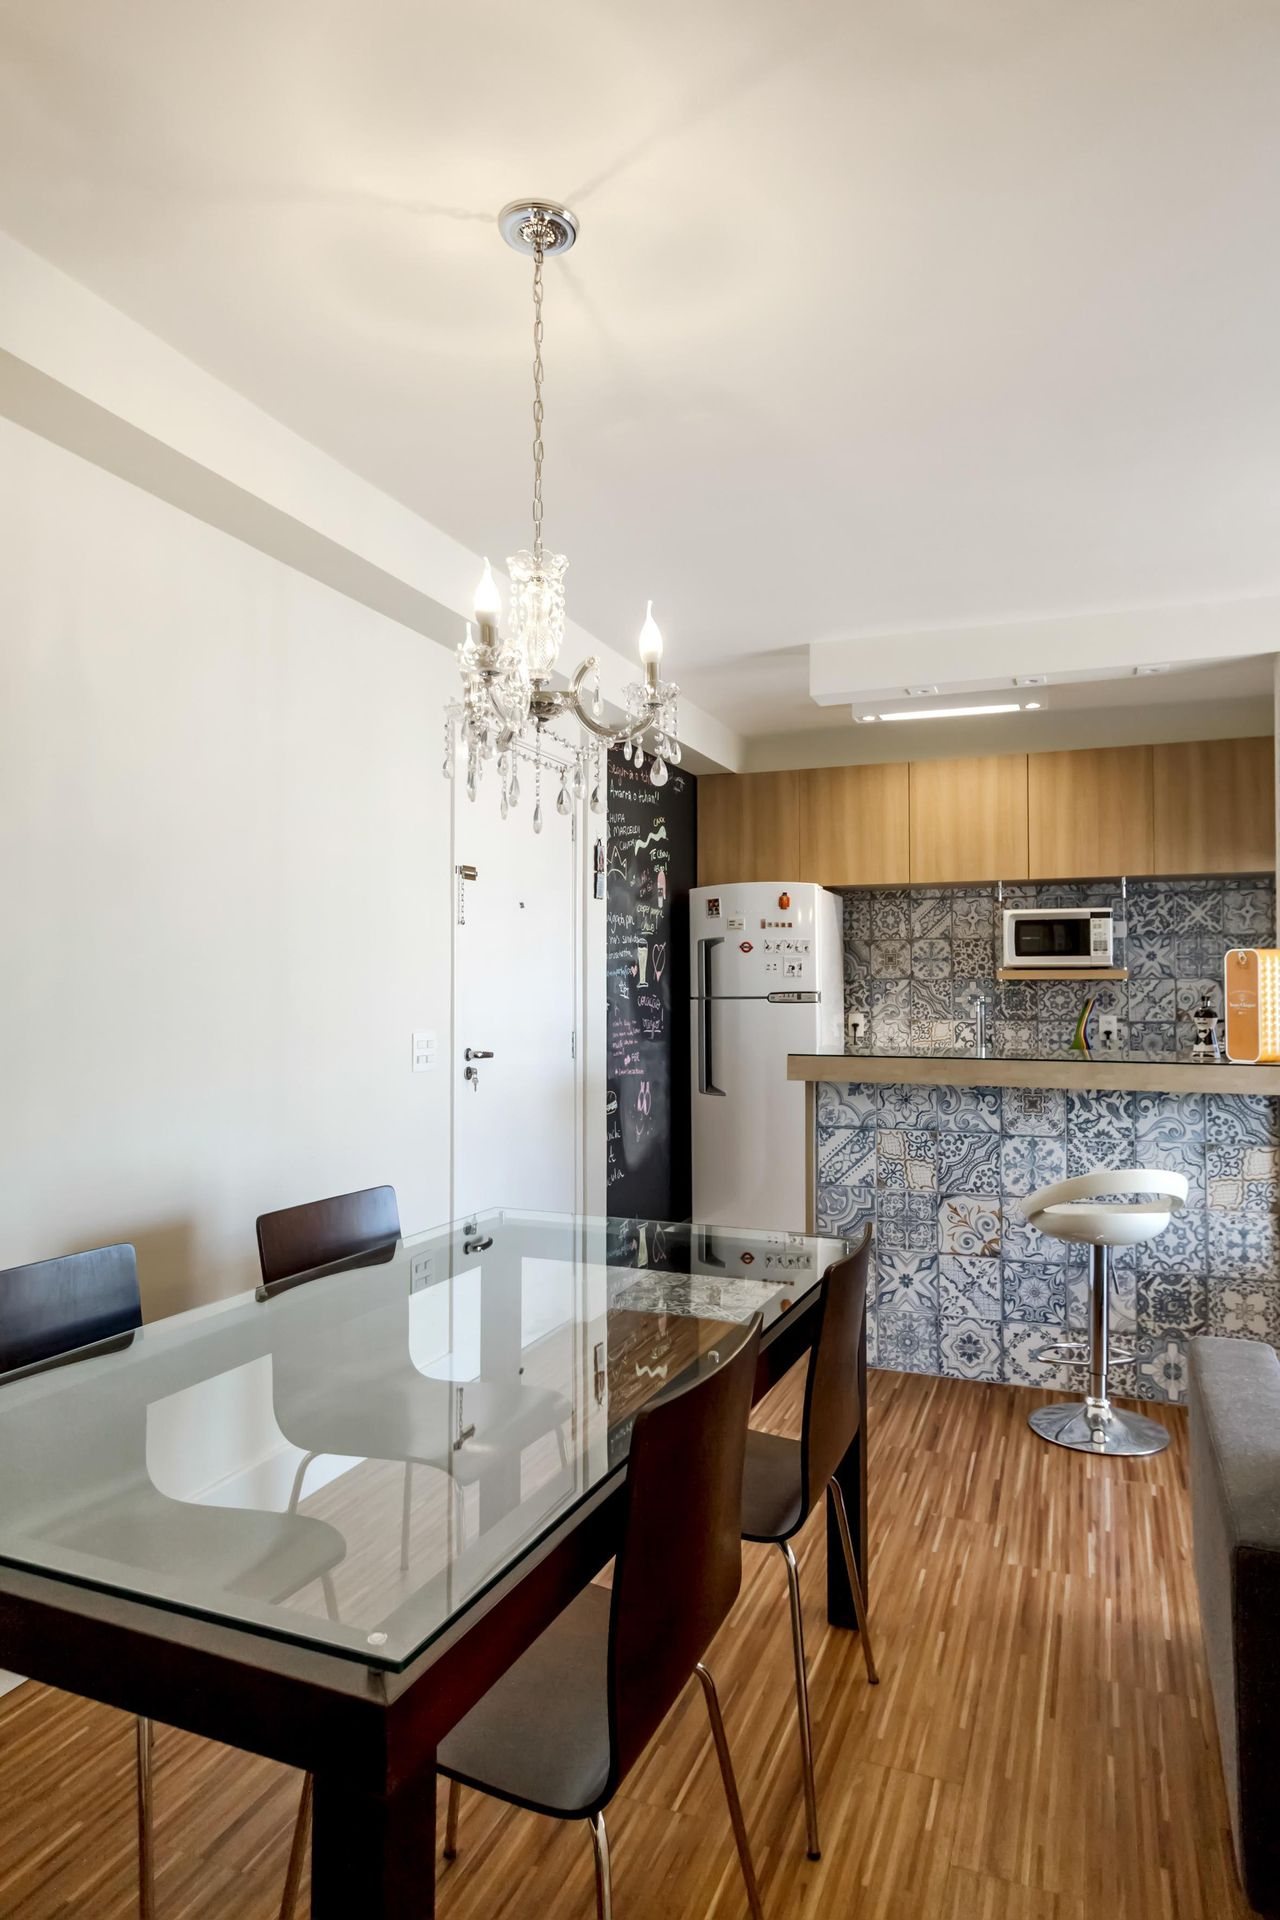 Cozinha Americana Com Lustre De Fernanda Duarte 64738 No Viva Decora